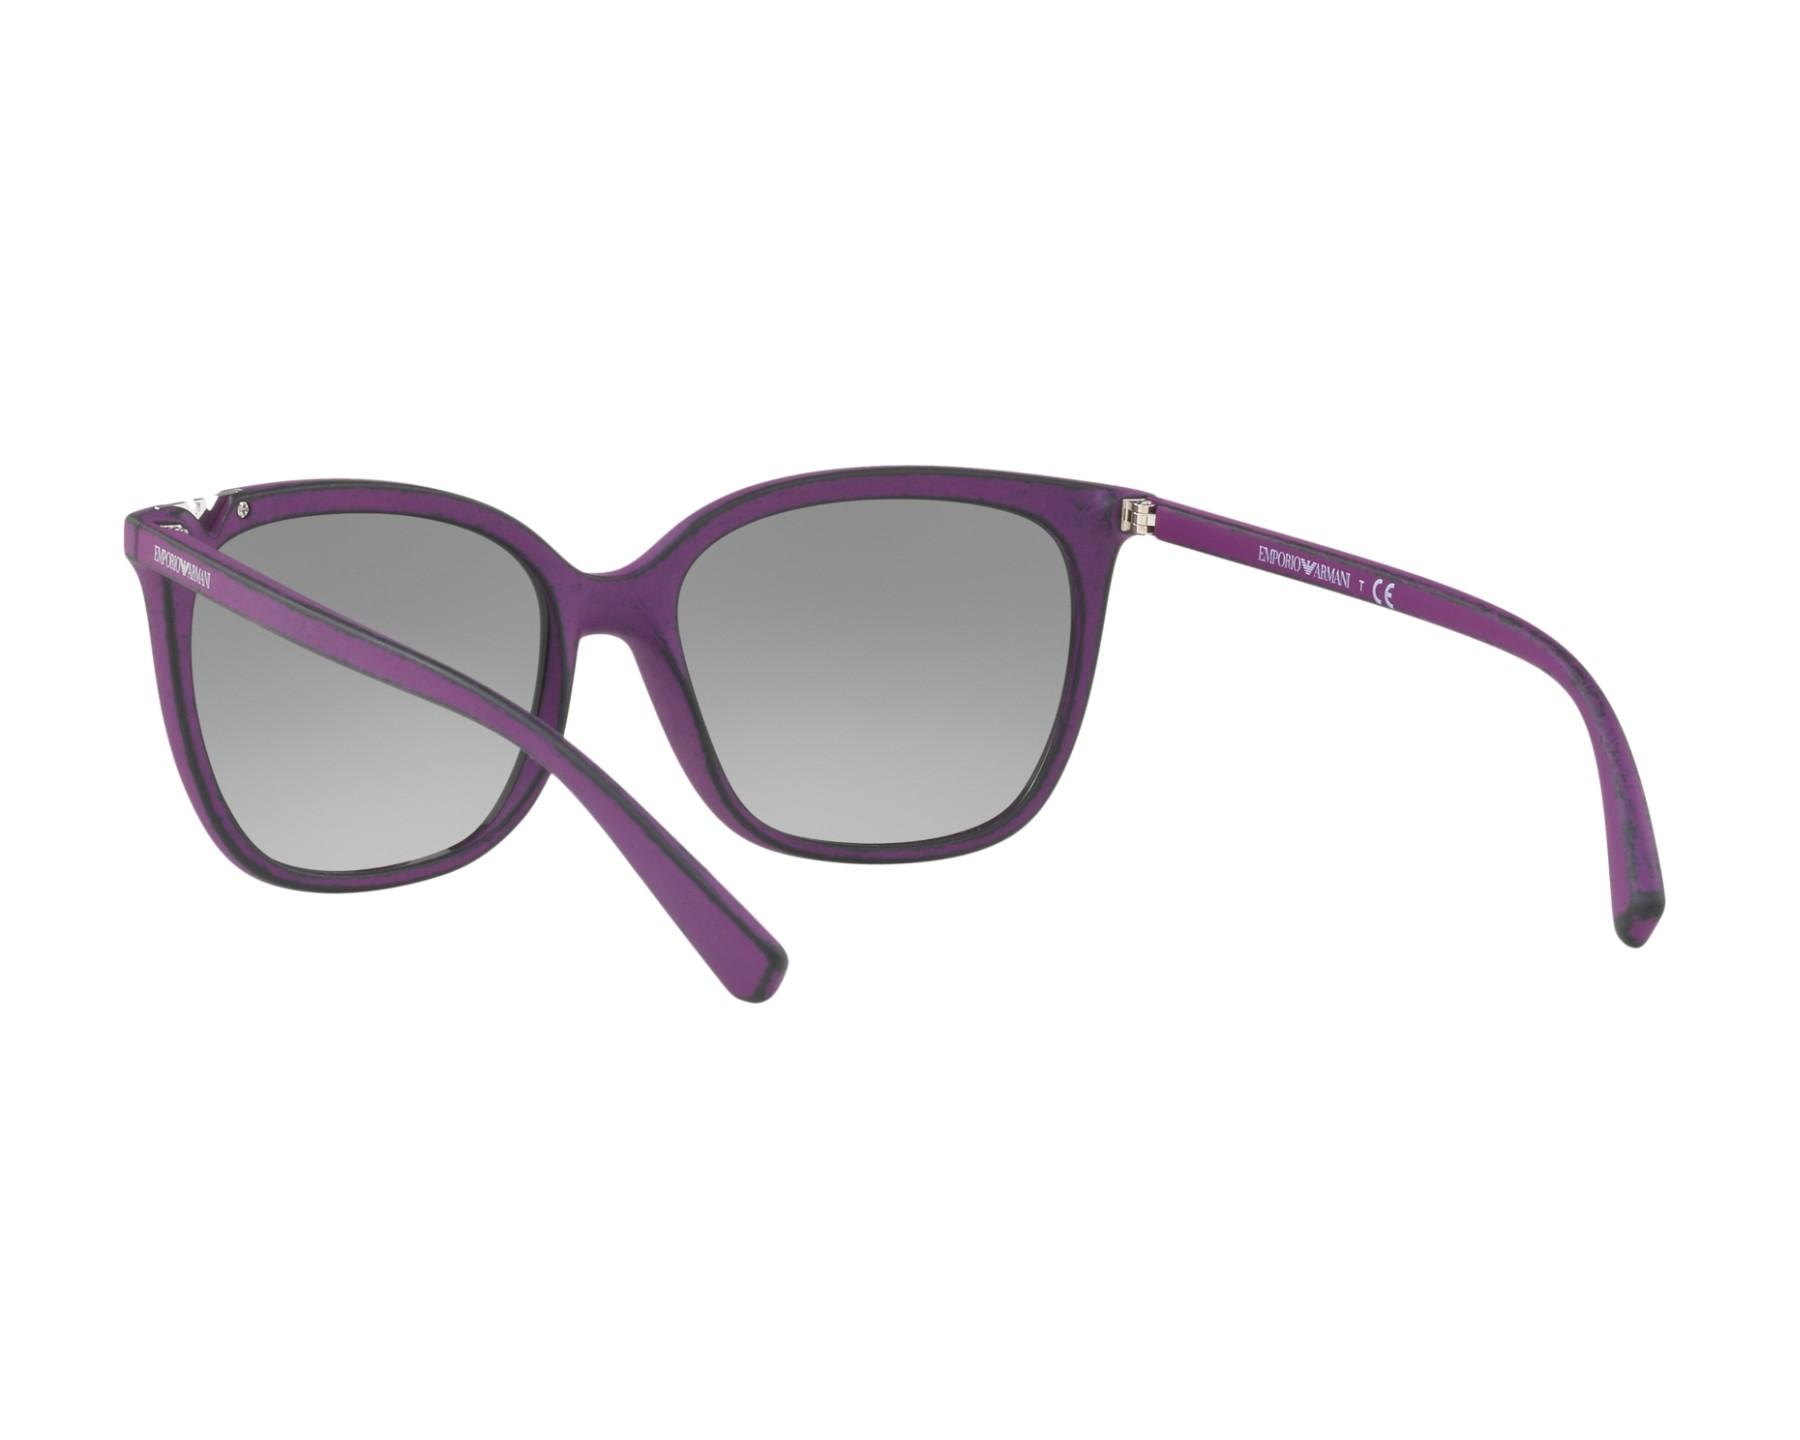 Emporio Armani EA4094 Sonnenbrille Violett 560311 56mm c9t9mYi